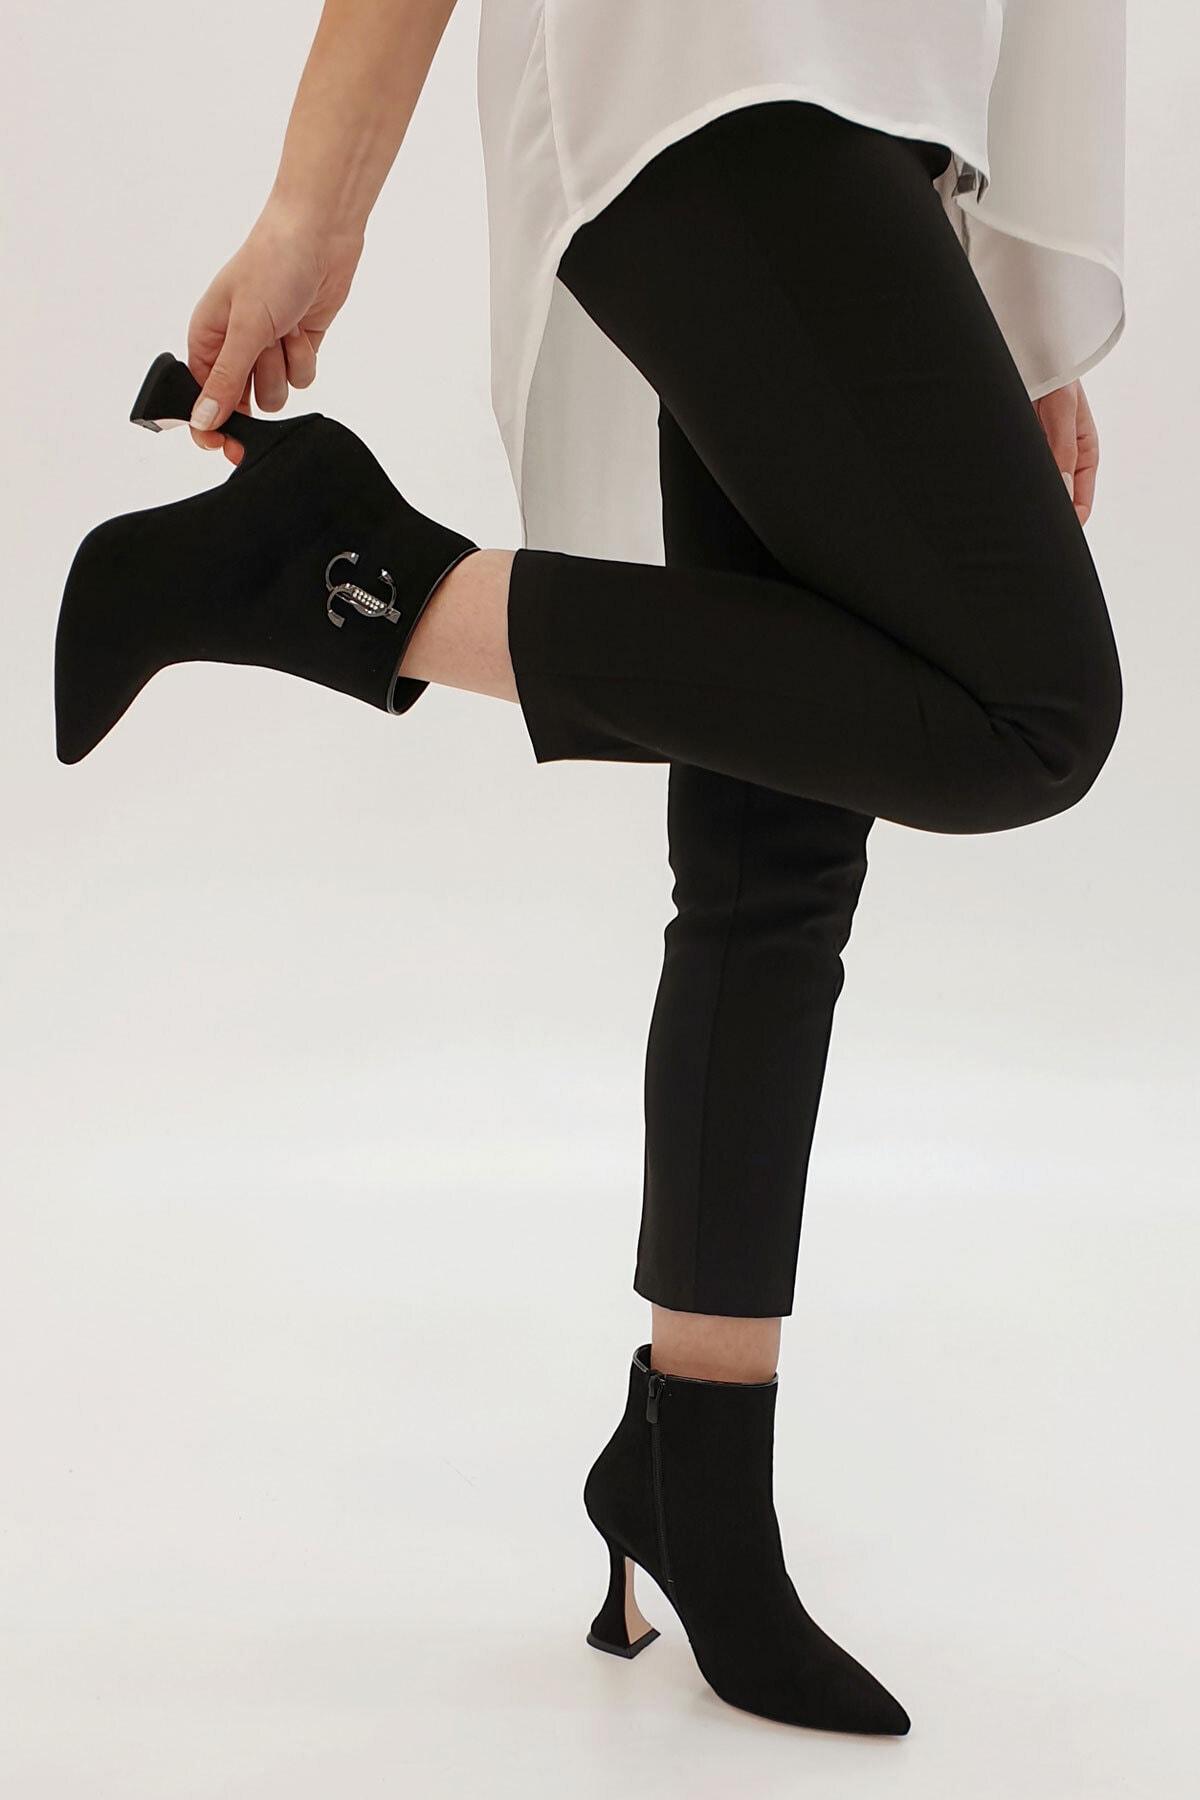 Marjin Kadın Siyah Süet Demina Topuklu Bot 1